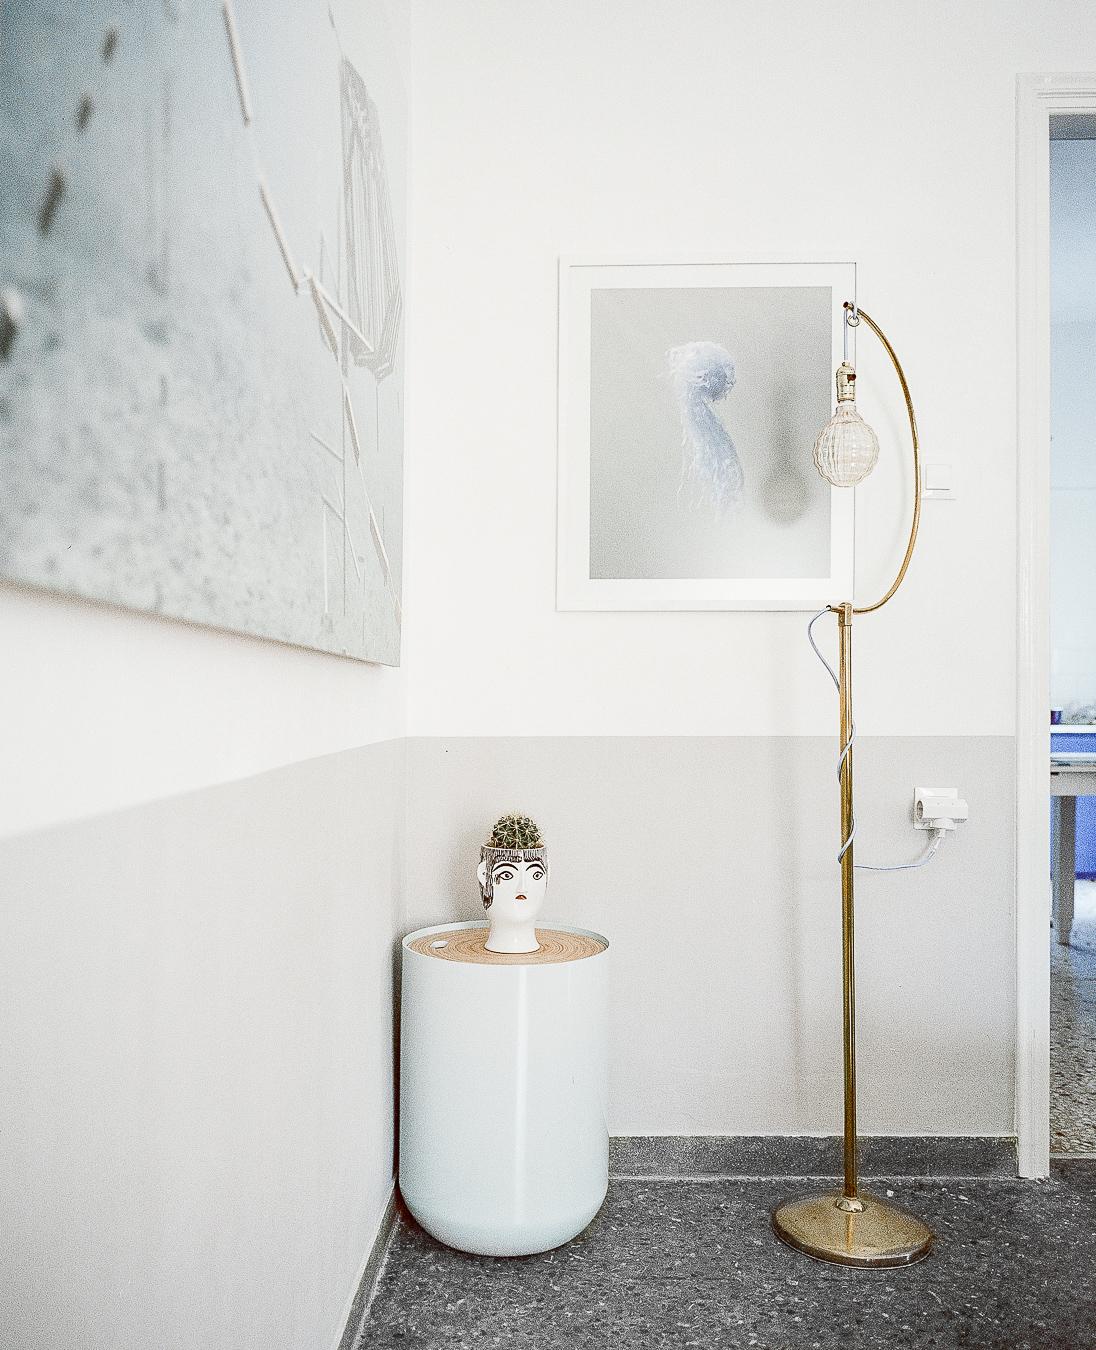 Site Visit: Forlane 6 Studio - ARTVISIT......